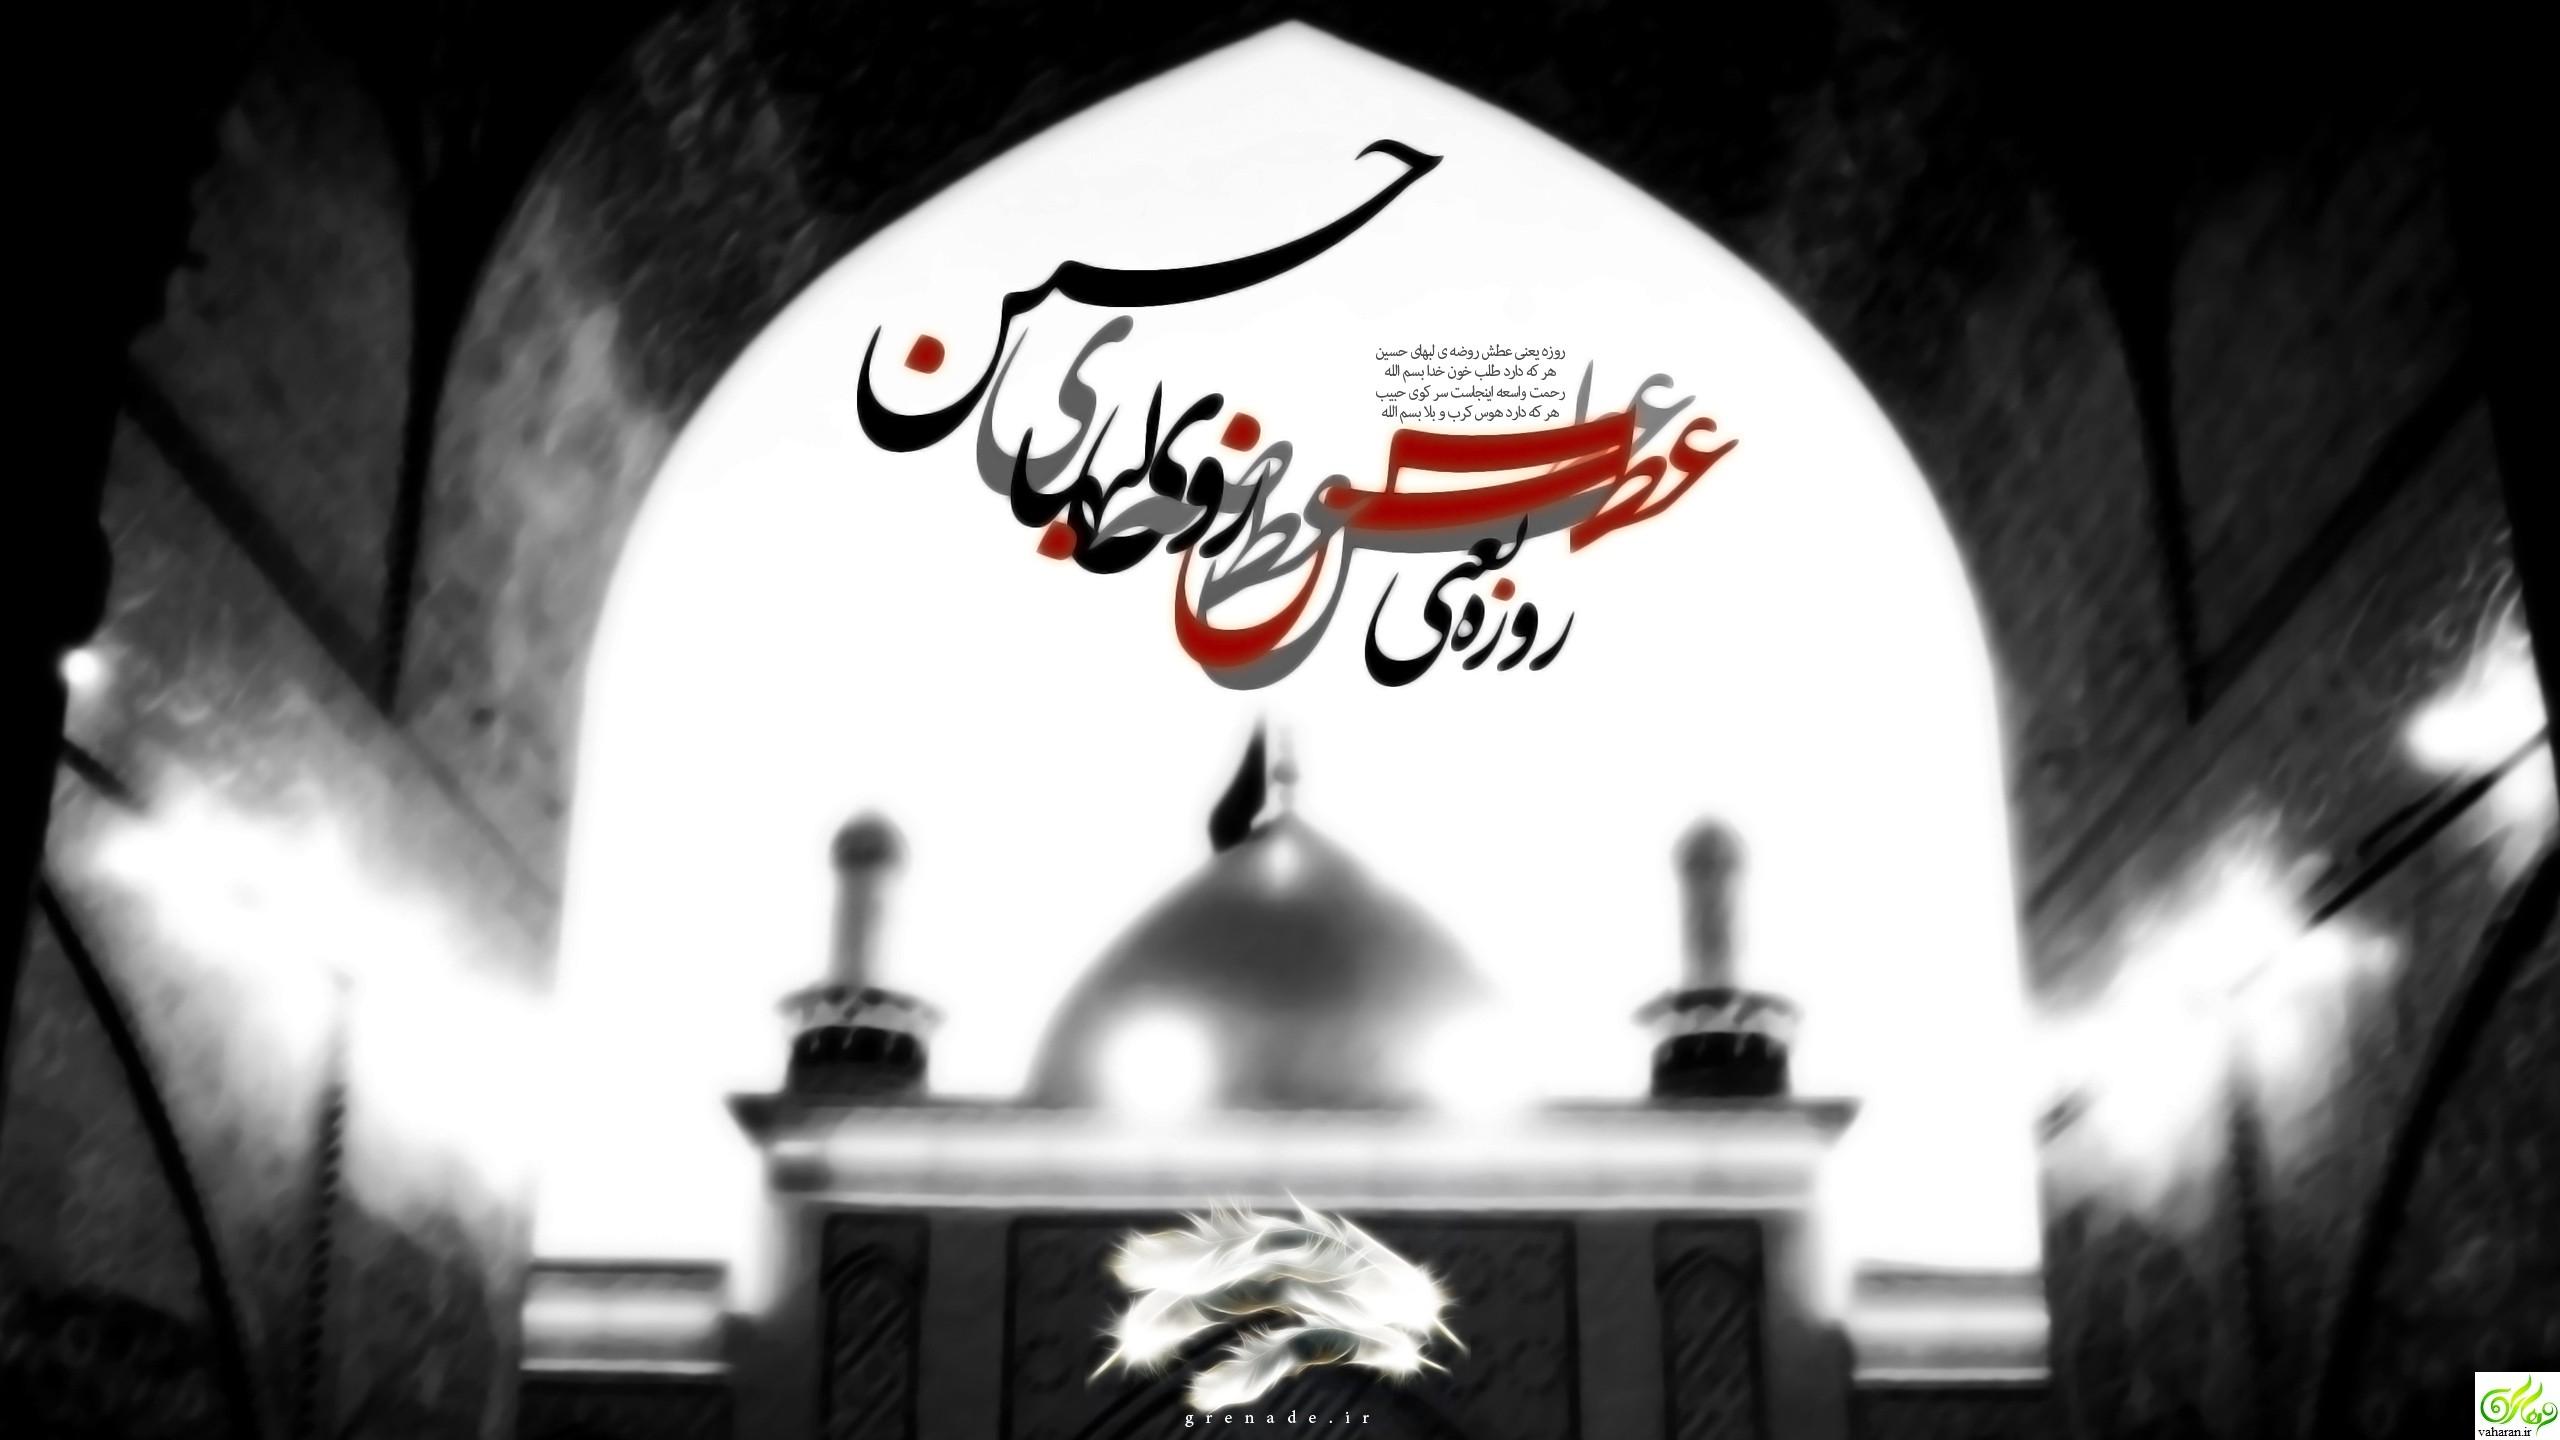 دانلود نوحه زینب زینب + متن نوحه